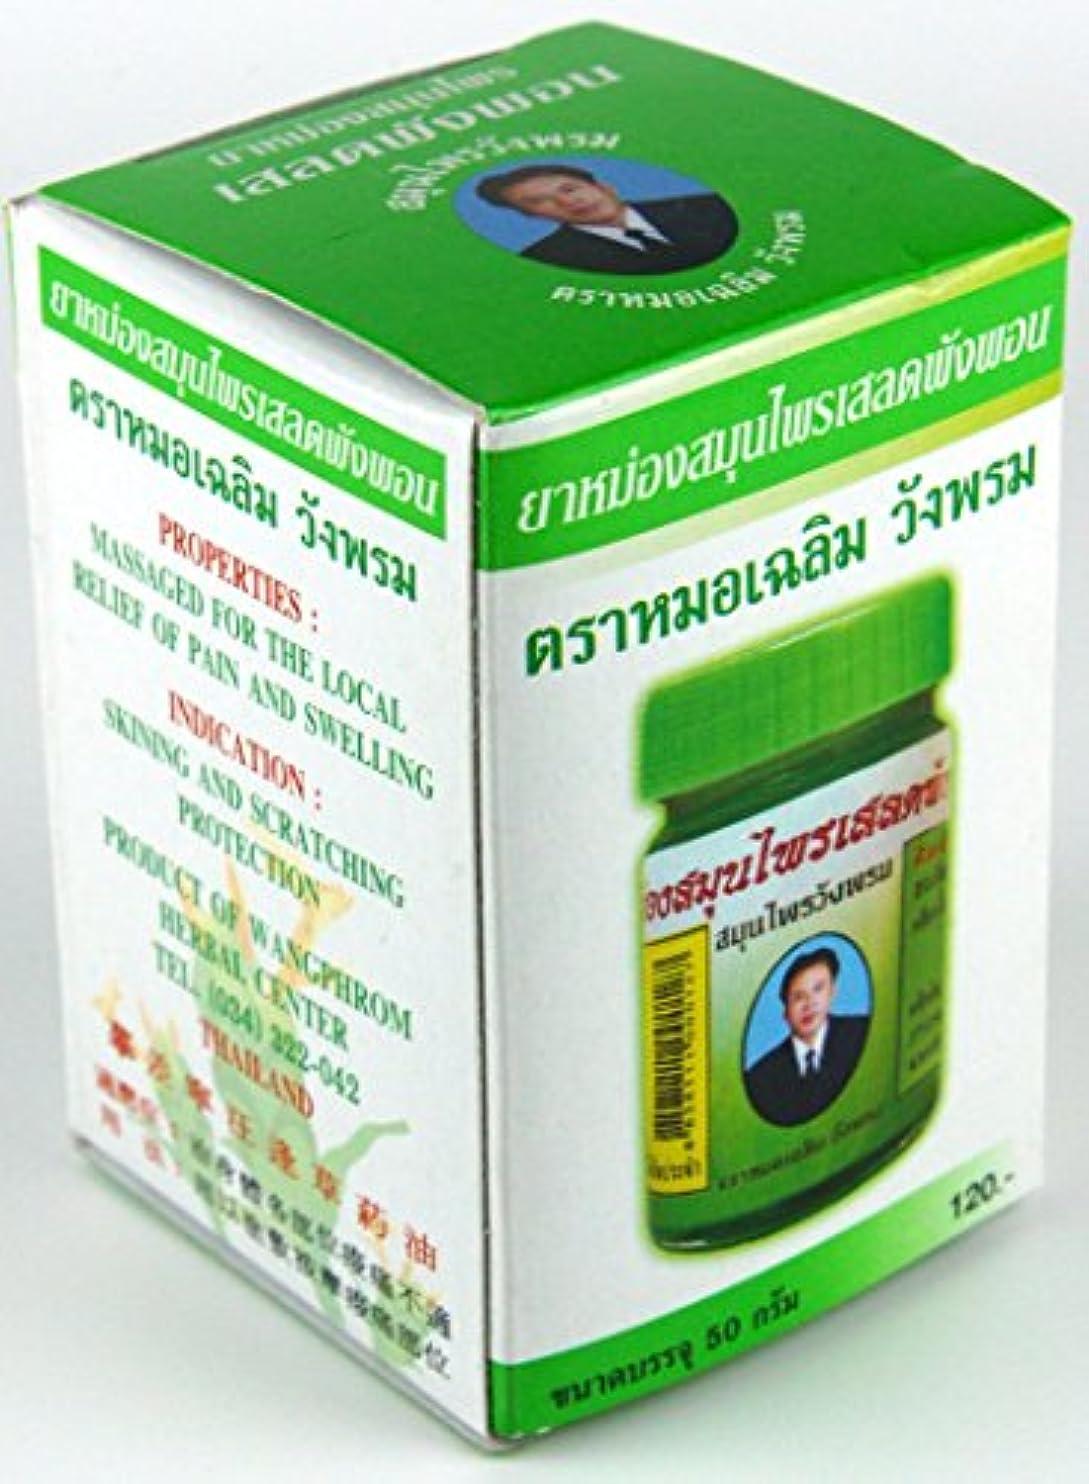 昇るいつも麺マッサージバーム タイの緑色の軟膏 スースーする軟膏 おじさんの顔の軟膏 中瓶 内容量50ml